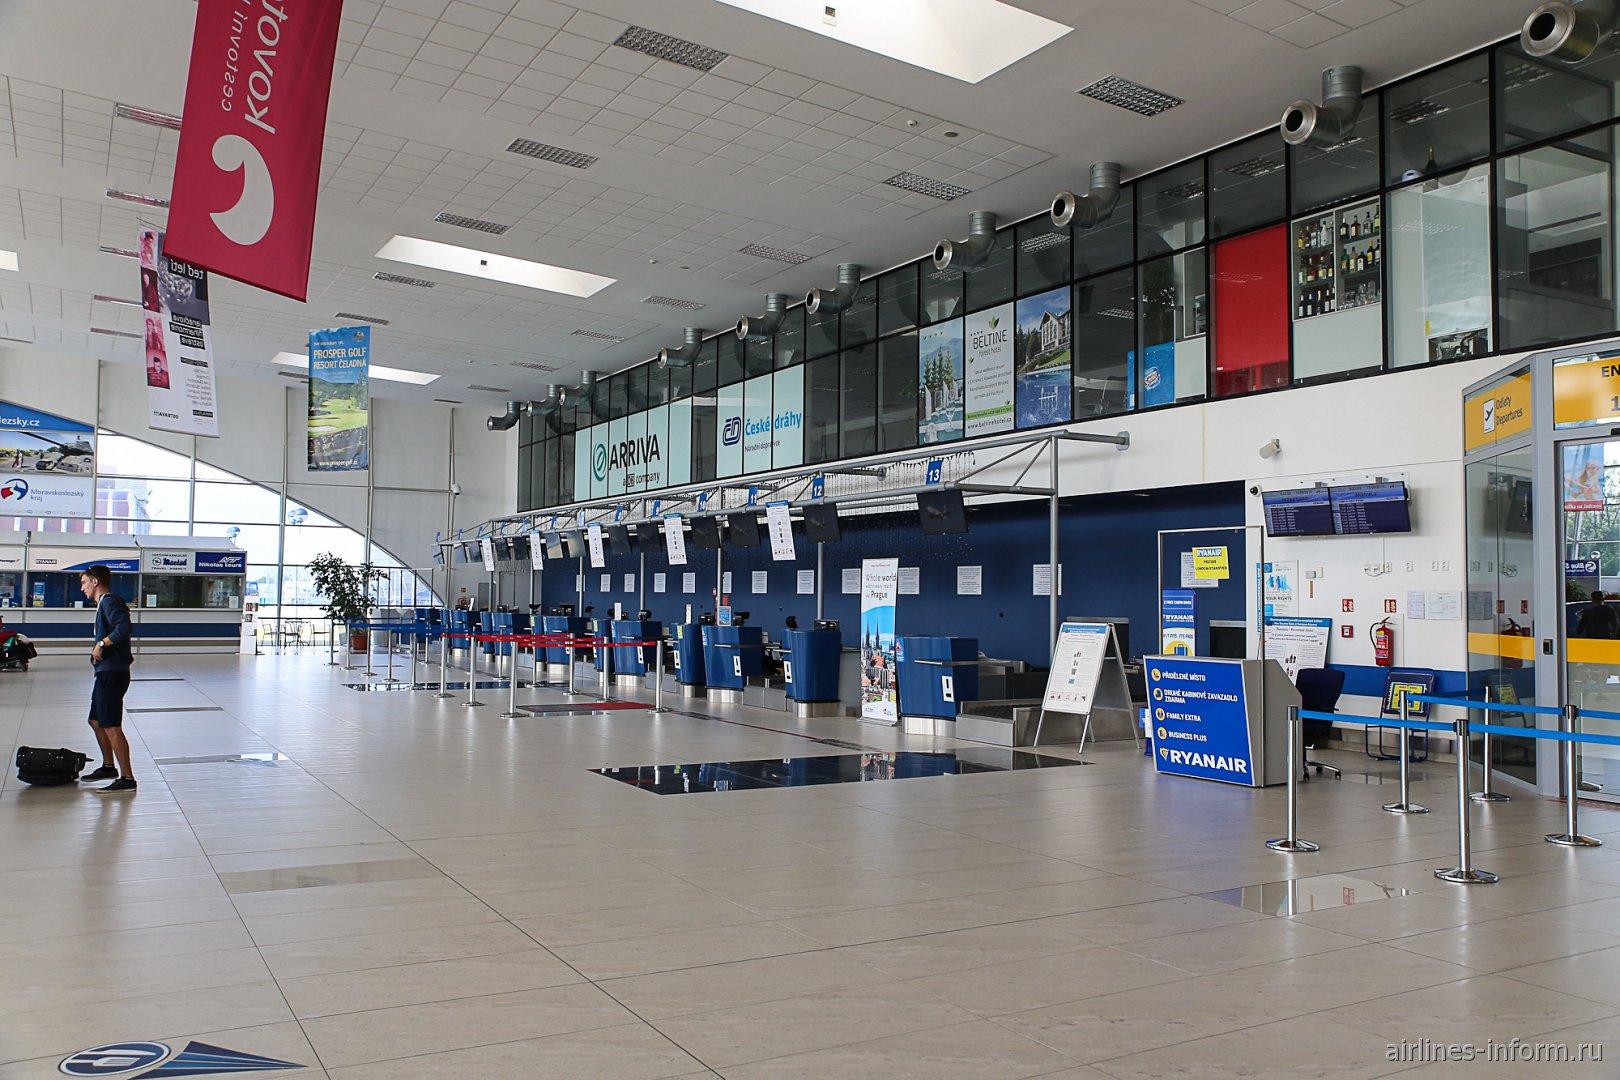 Стойки регистрации в аэропорту Острава Леош Яначек